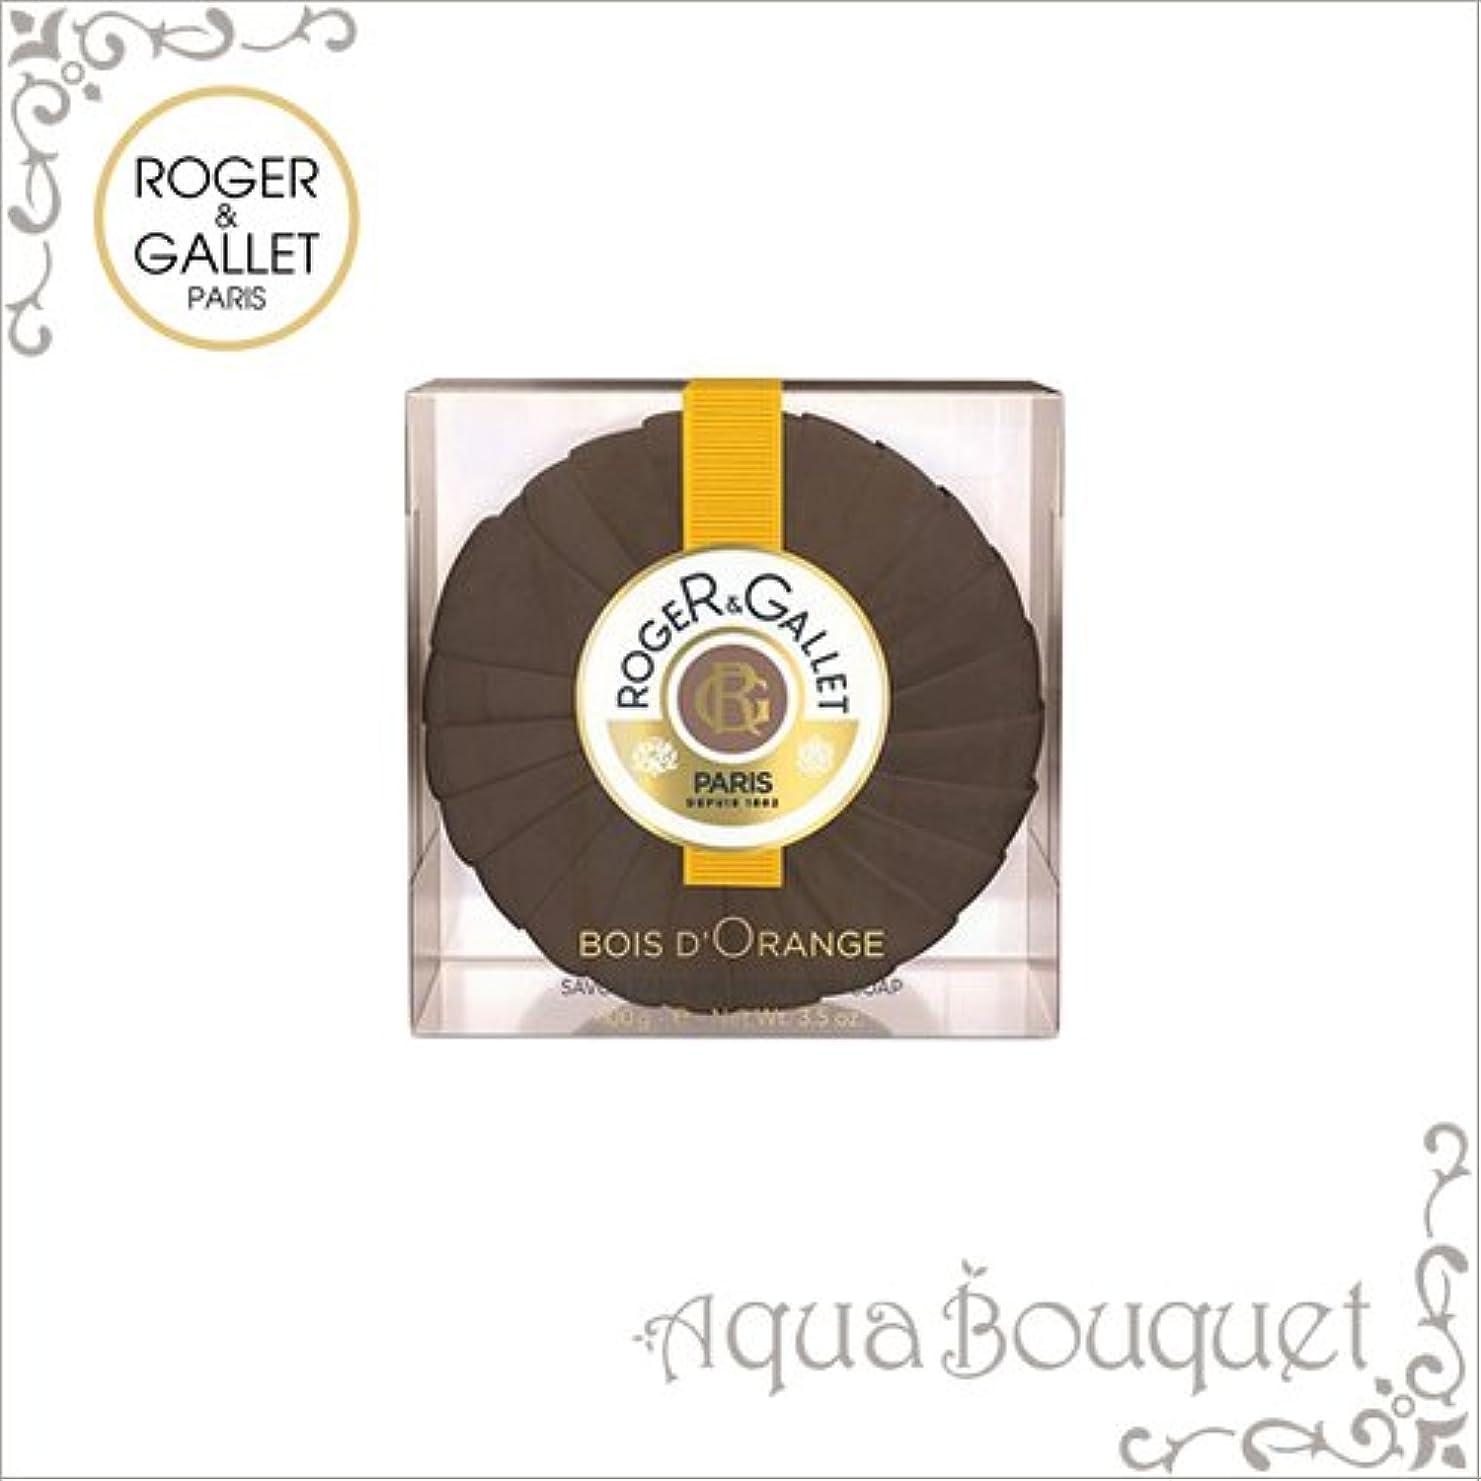 中間父方のサミュエルロジェガレ オレンジパフューム ソープ 香水石鹸 100g ROGER&GALLET BOIS D'ORANGE PERFUMED SOAP(プラスチック簡易ケース入り) [並行輸入品]